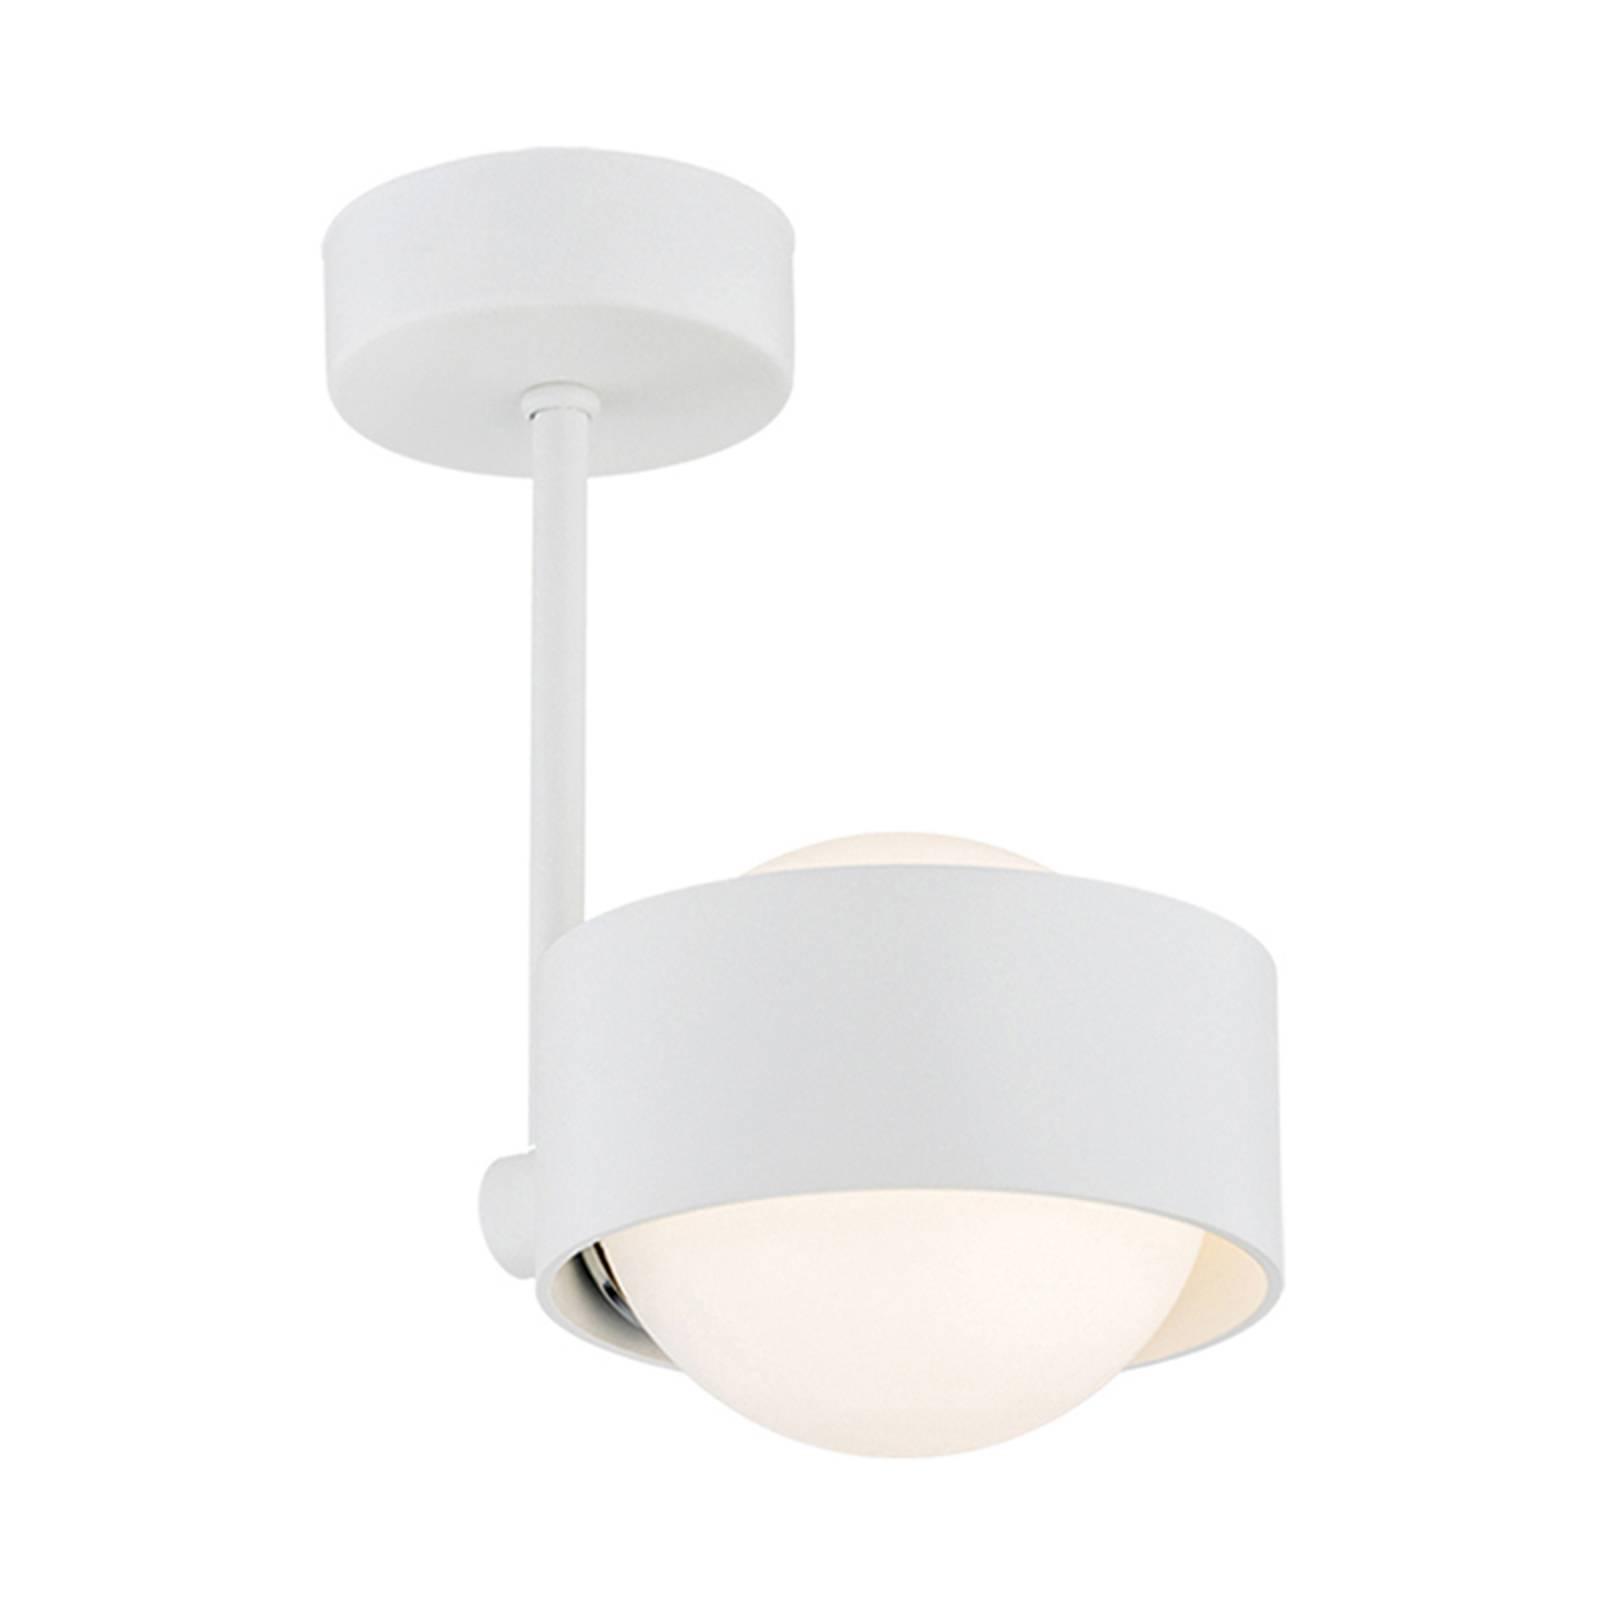 Kylpyhuoneen LED-kattolamppu Macedo, 1-lamppuinen